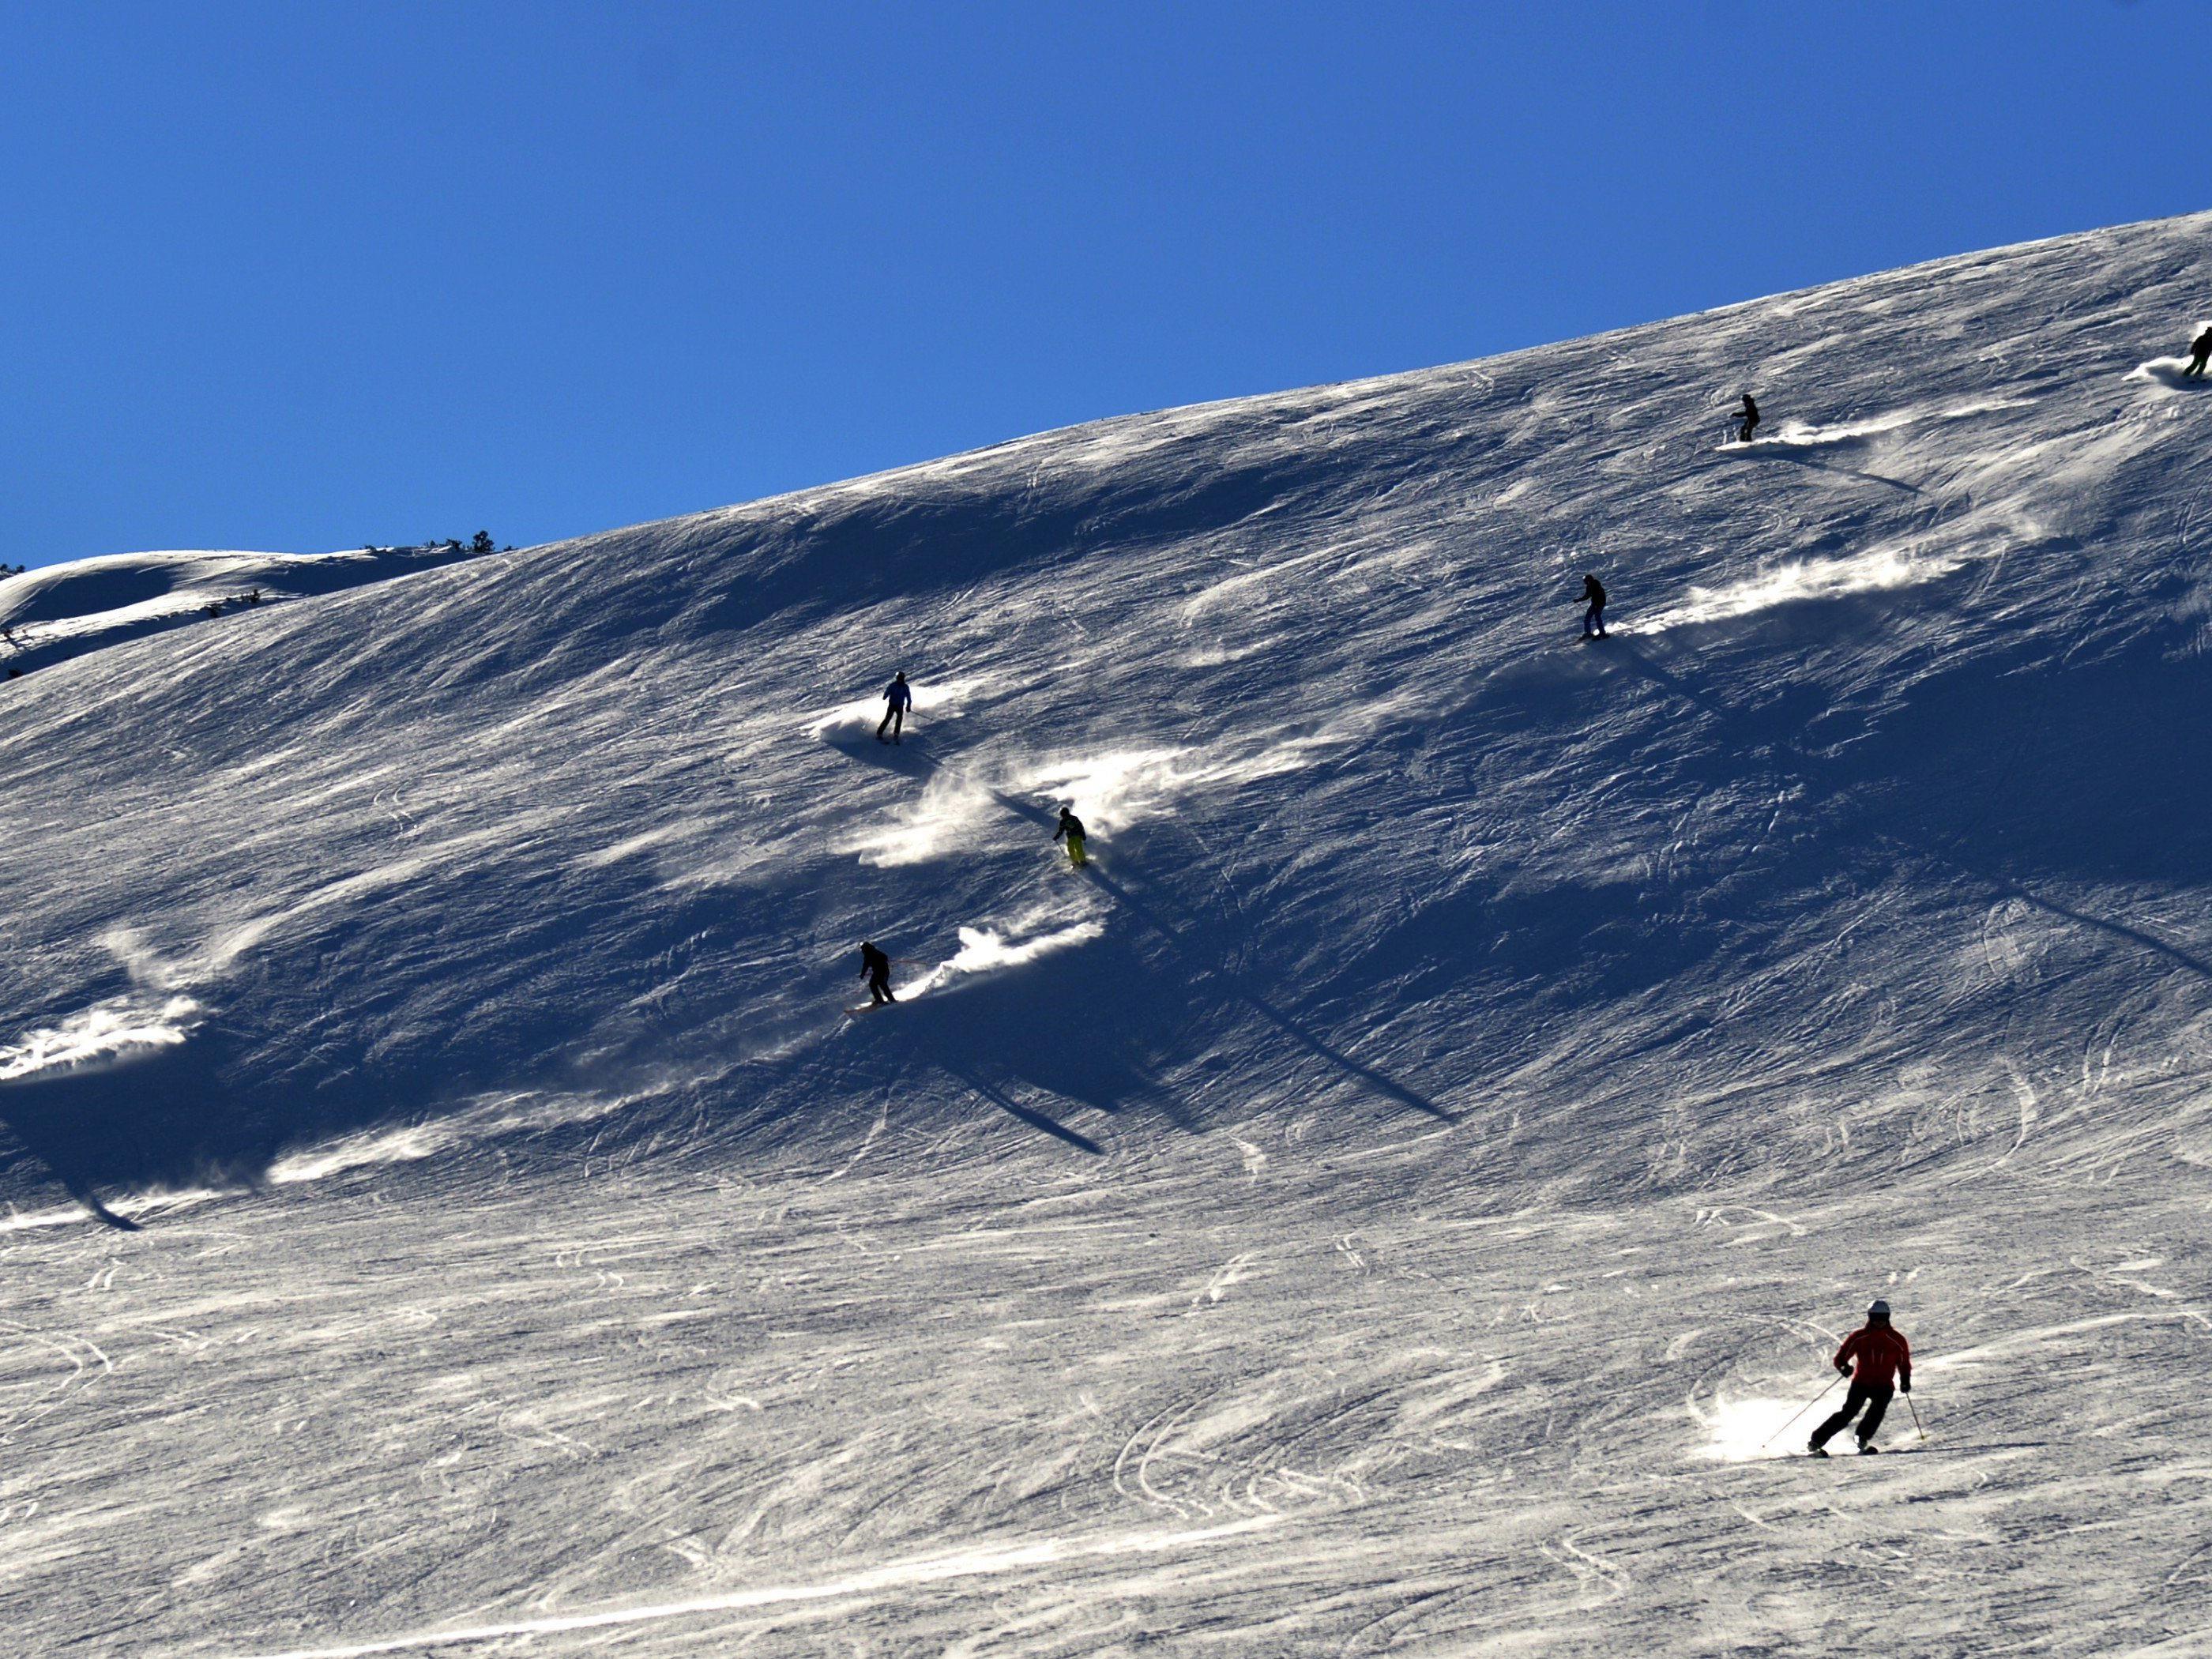 Mehrere Skiunfälle ereigneten sich in den letzten Tagen in Vorarlberg.